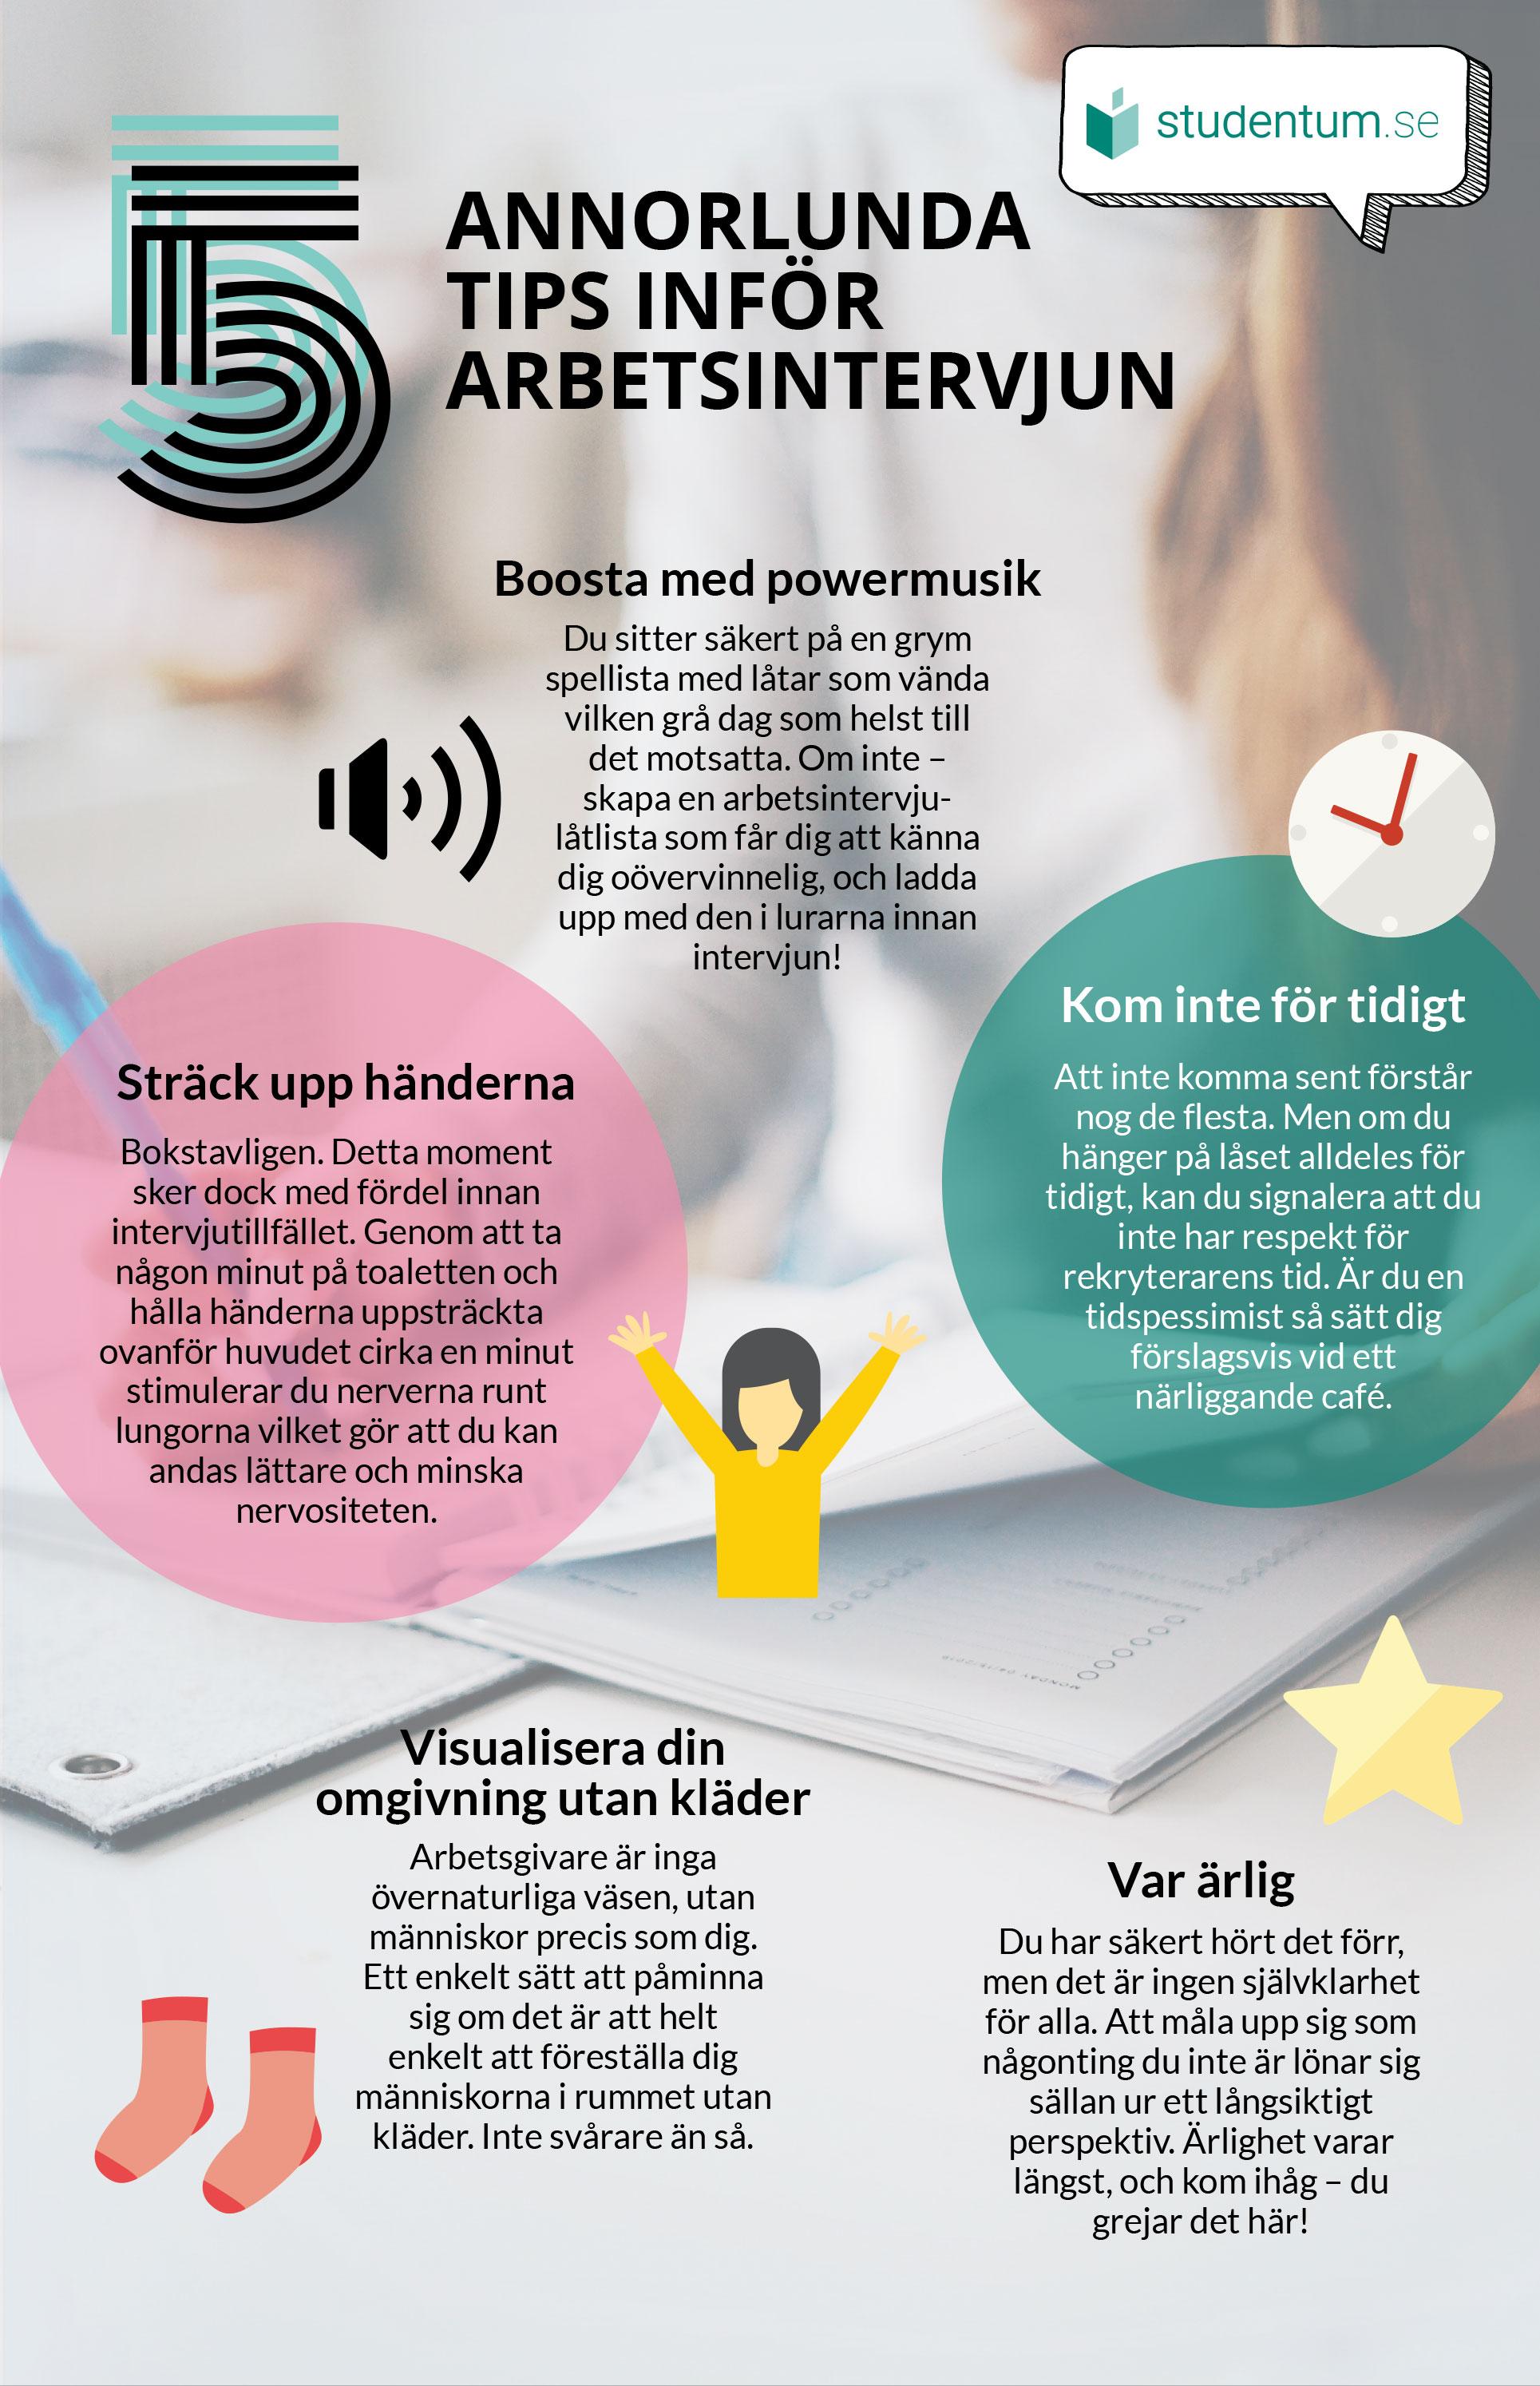 5 annorlunda tips inför arbetsintervjun